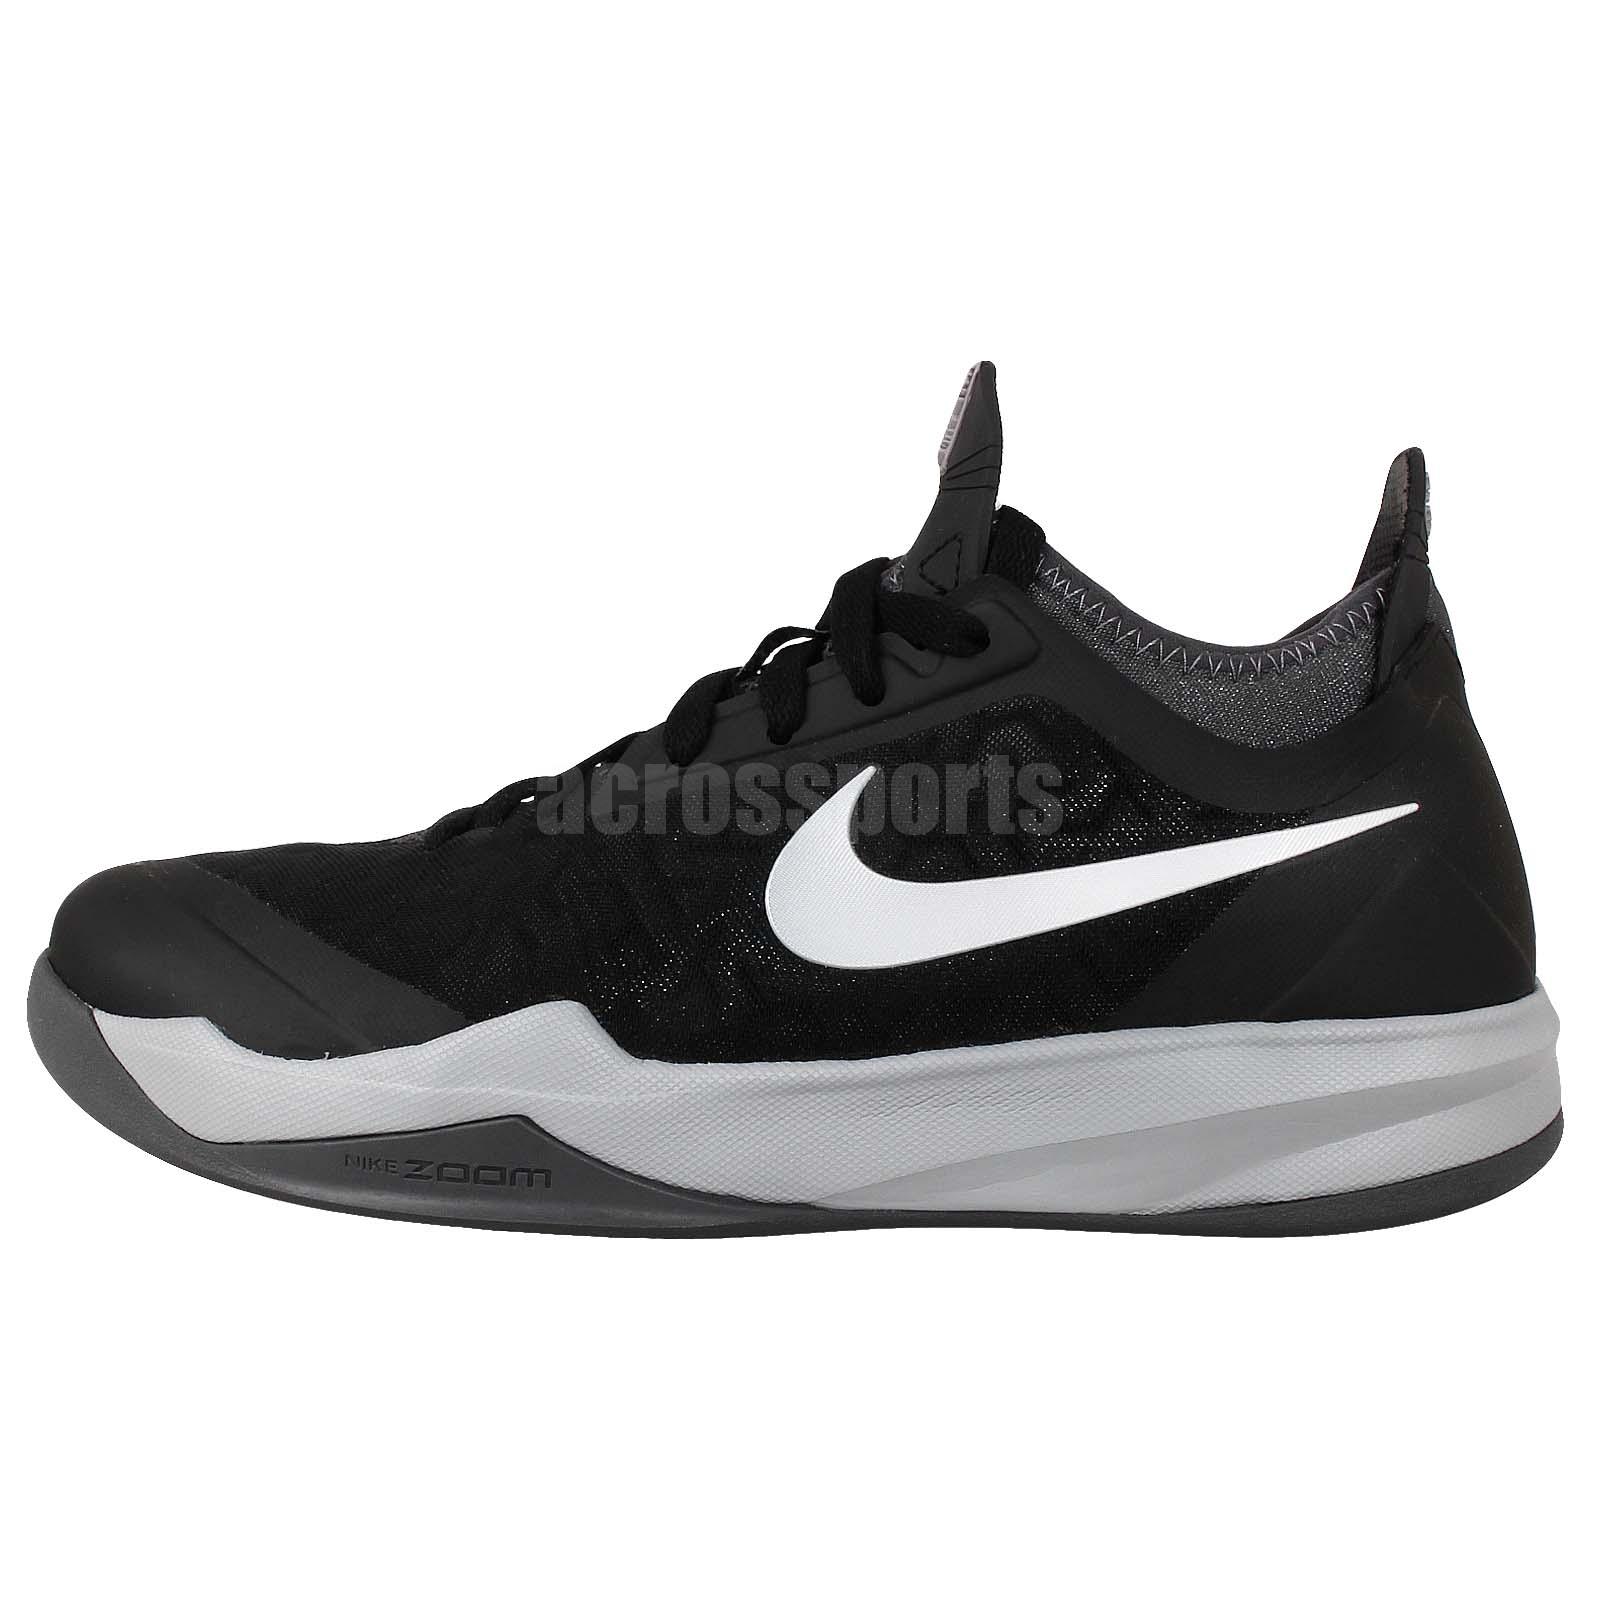 Nike Zoom Crusader XDR Black Silver Mens Basketball Shoes ...